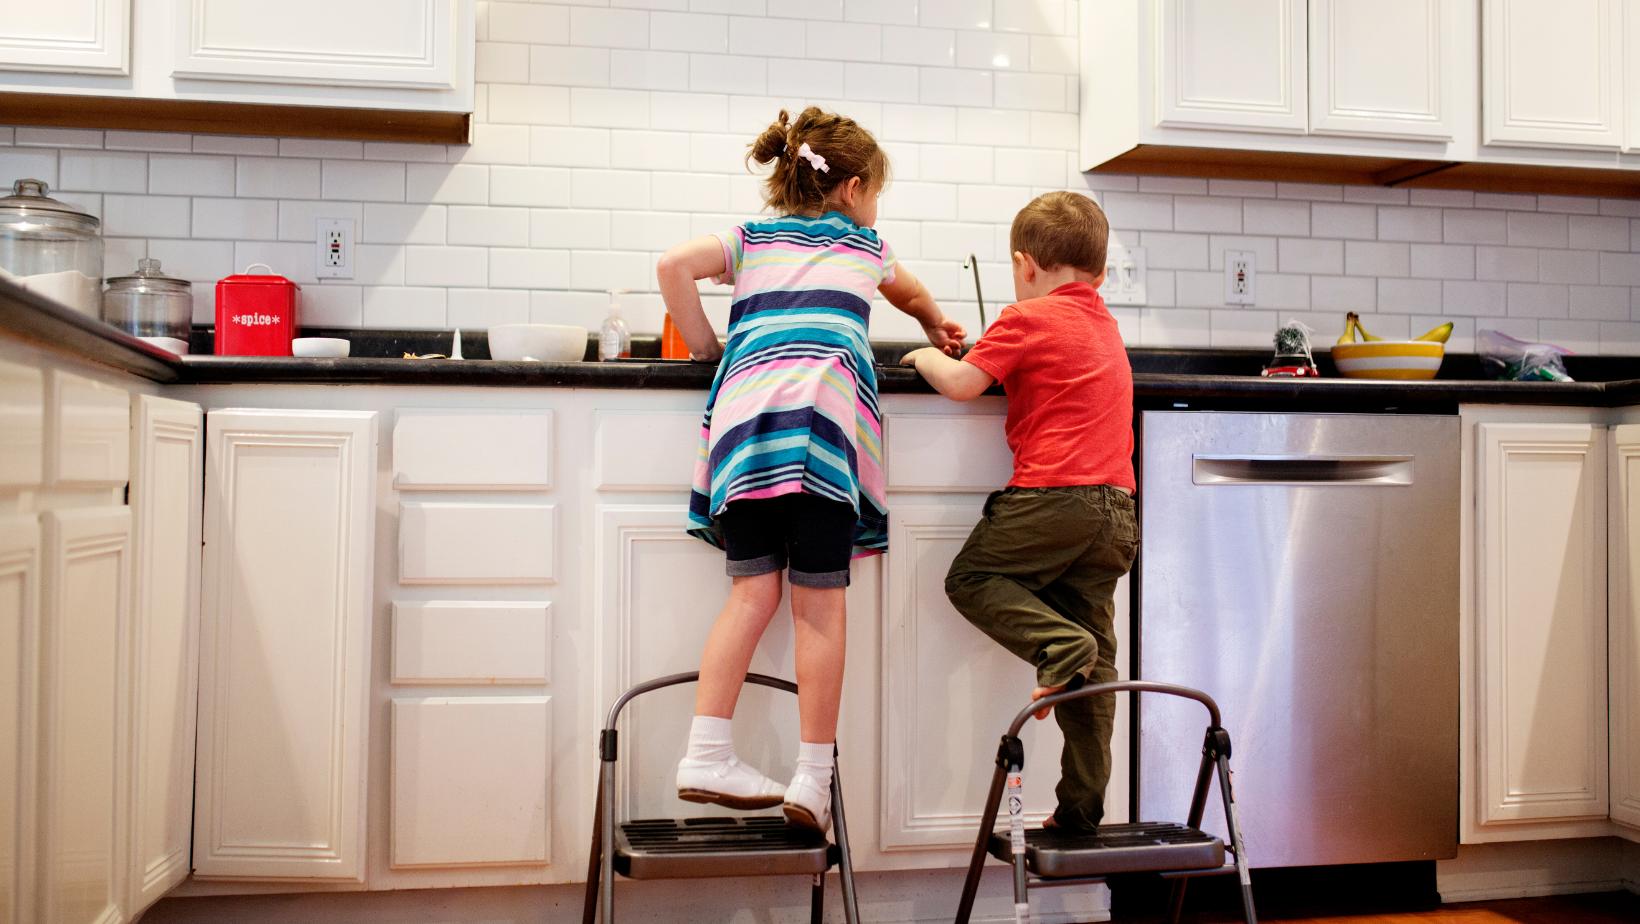 Mutfakta yardım eden çocuklar